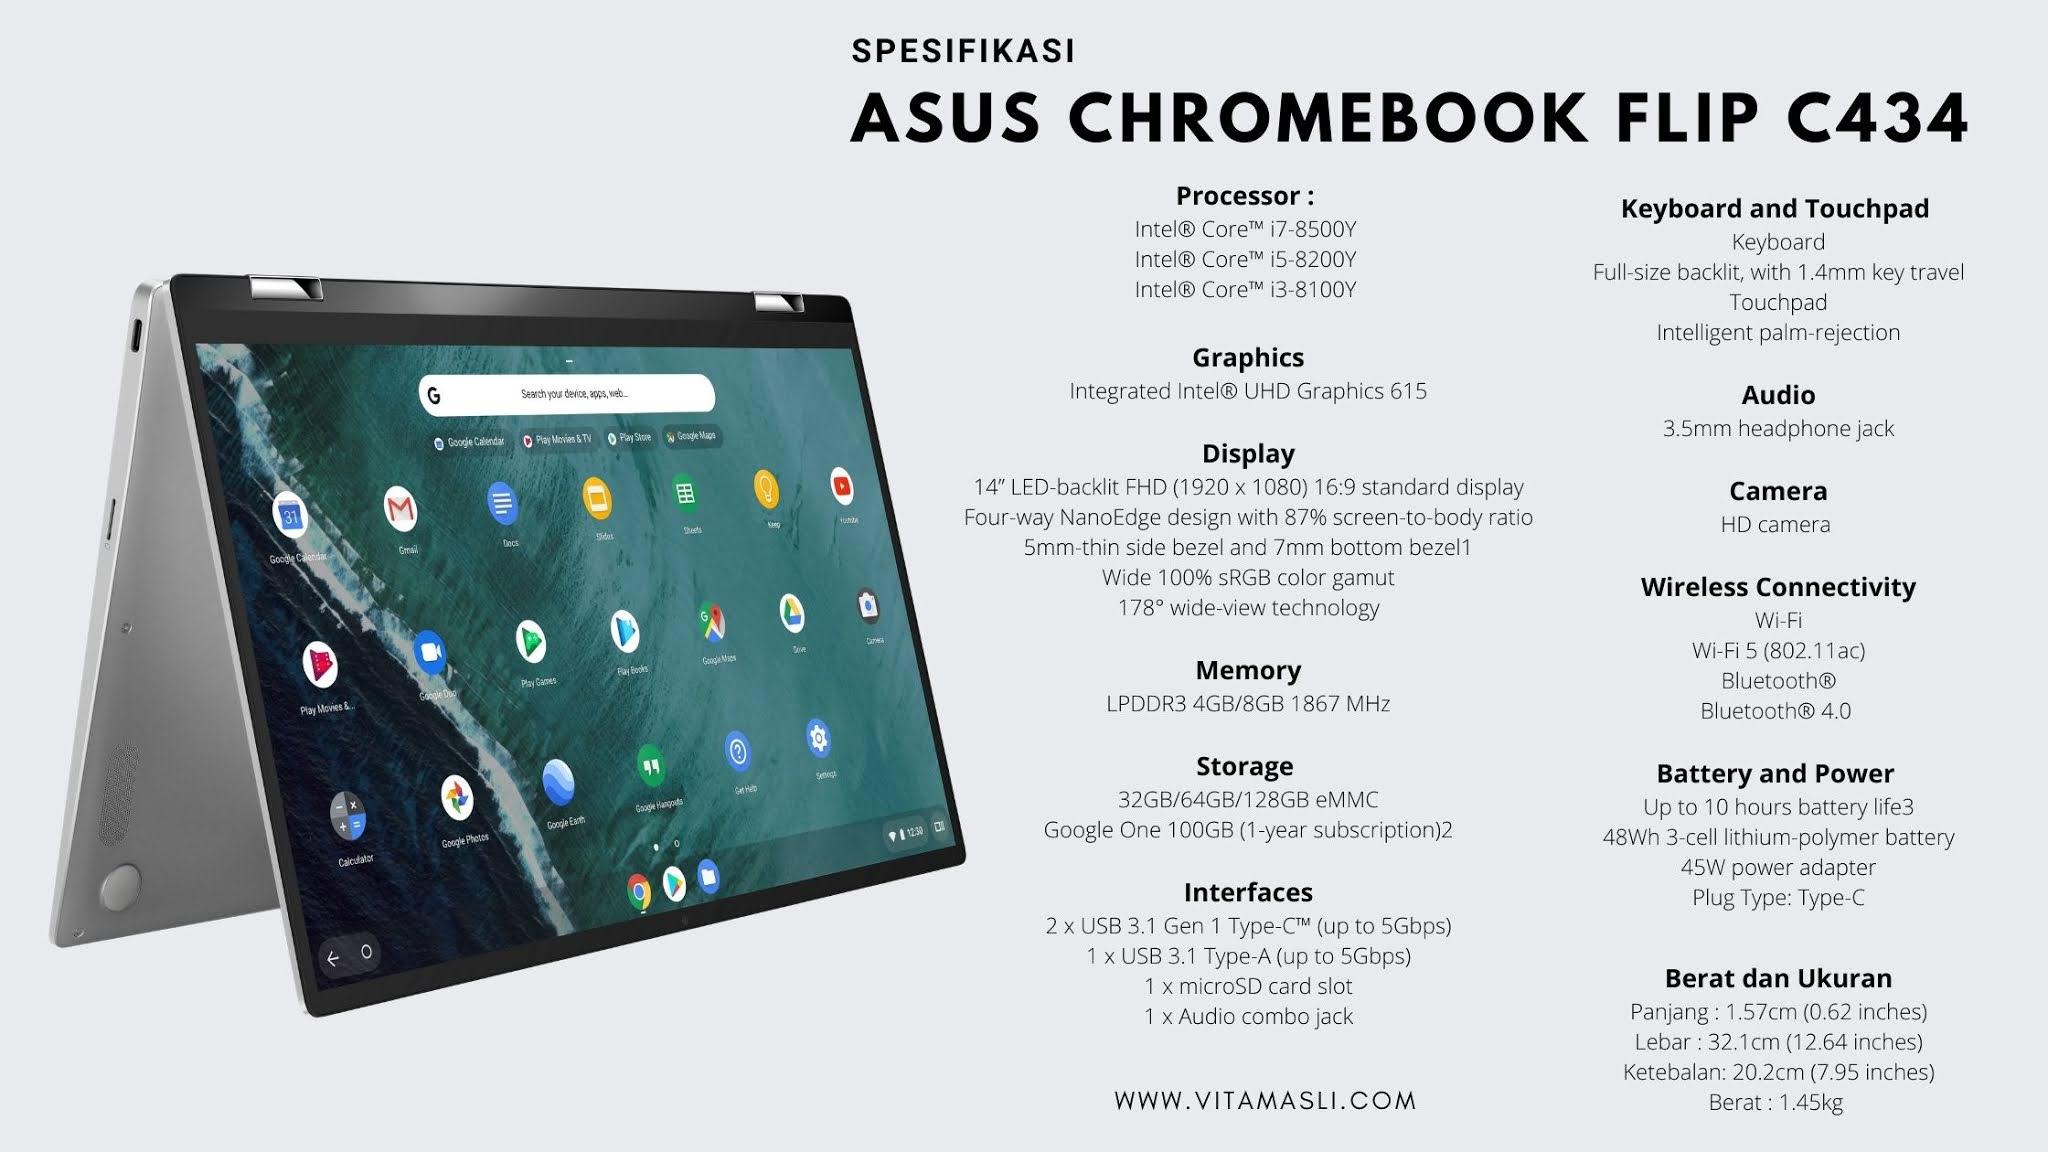 Spesifikasi Asus Chromebook C434